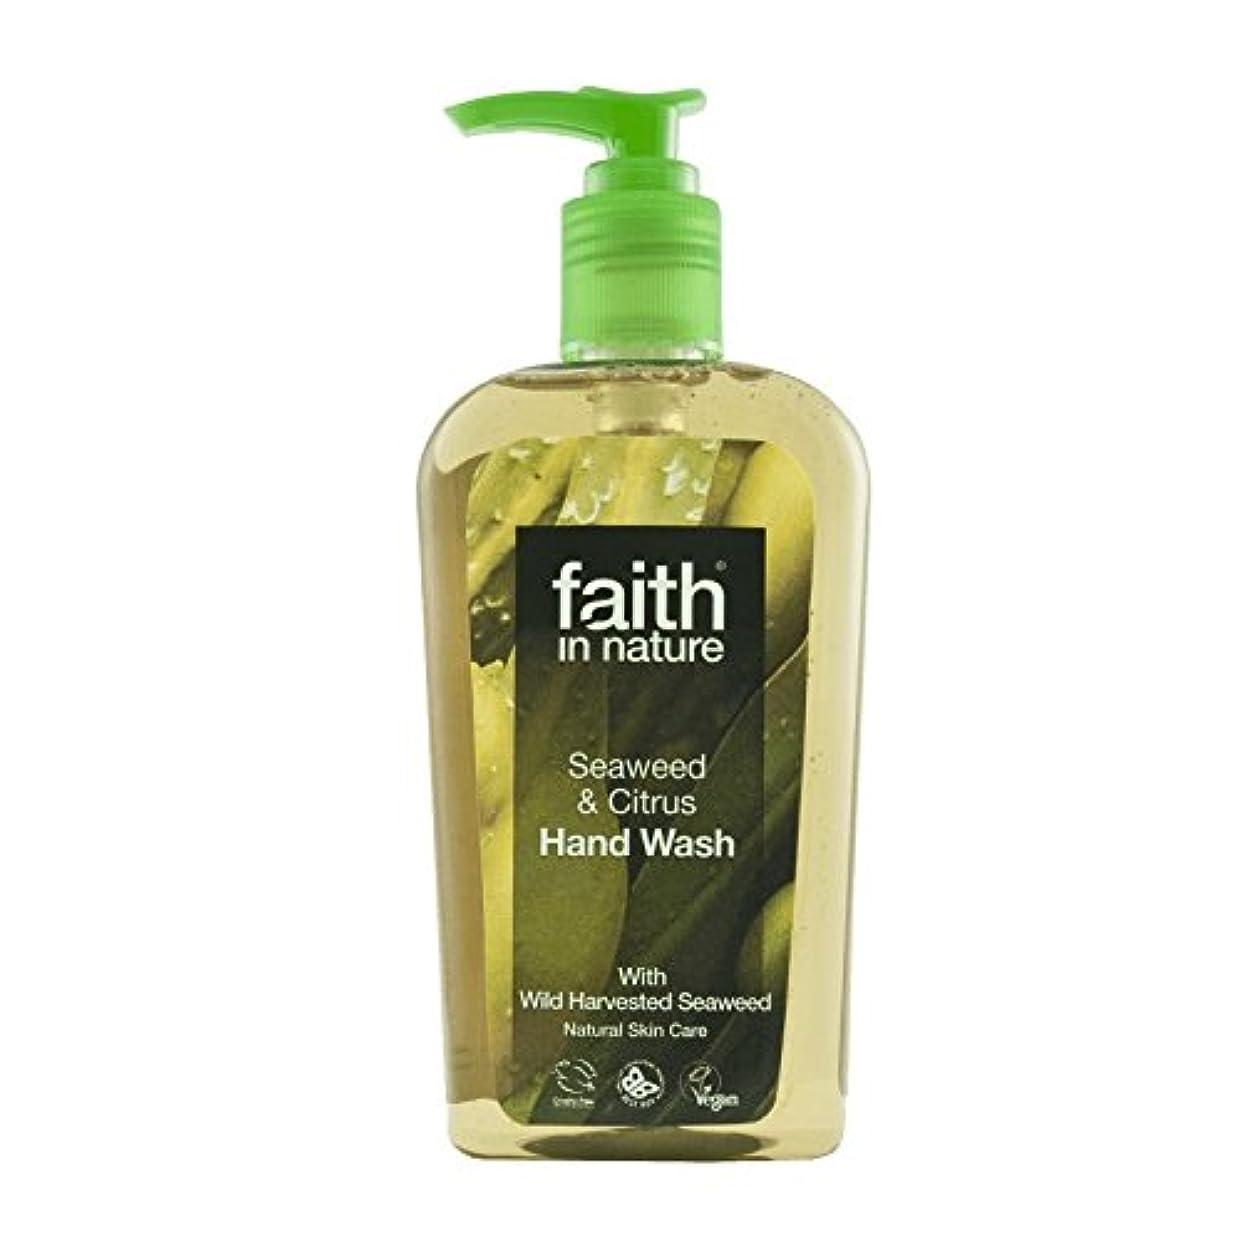 証拠相談するリッチ自然海藻手洗いの300ミリリットルの信仰 - Faith In Nature Seaweed Handwash 300ml (Faith in Nature) [並行輸入品]